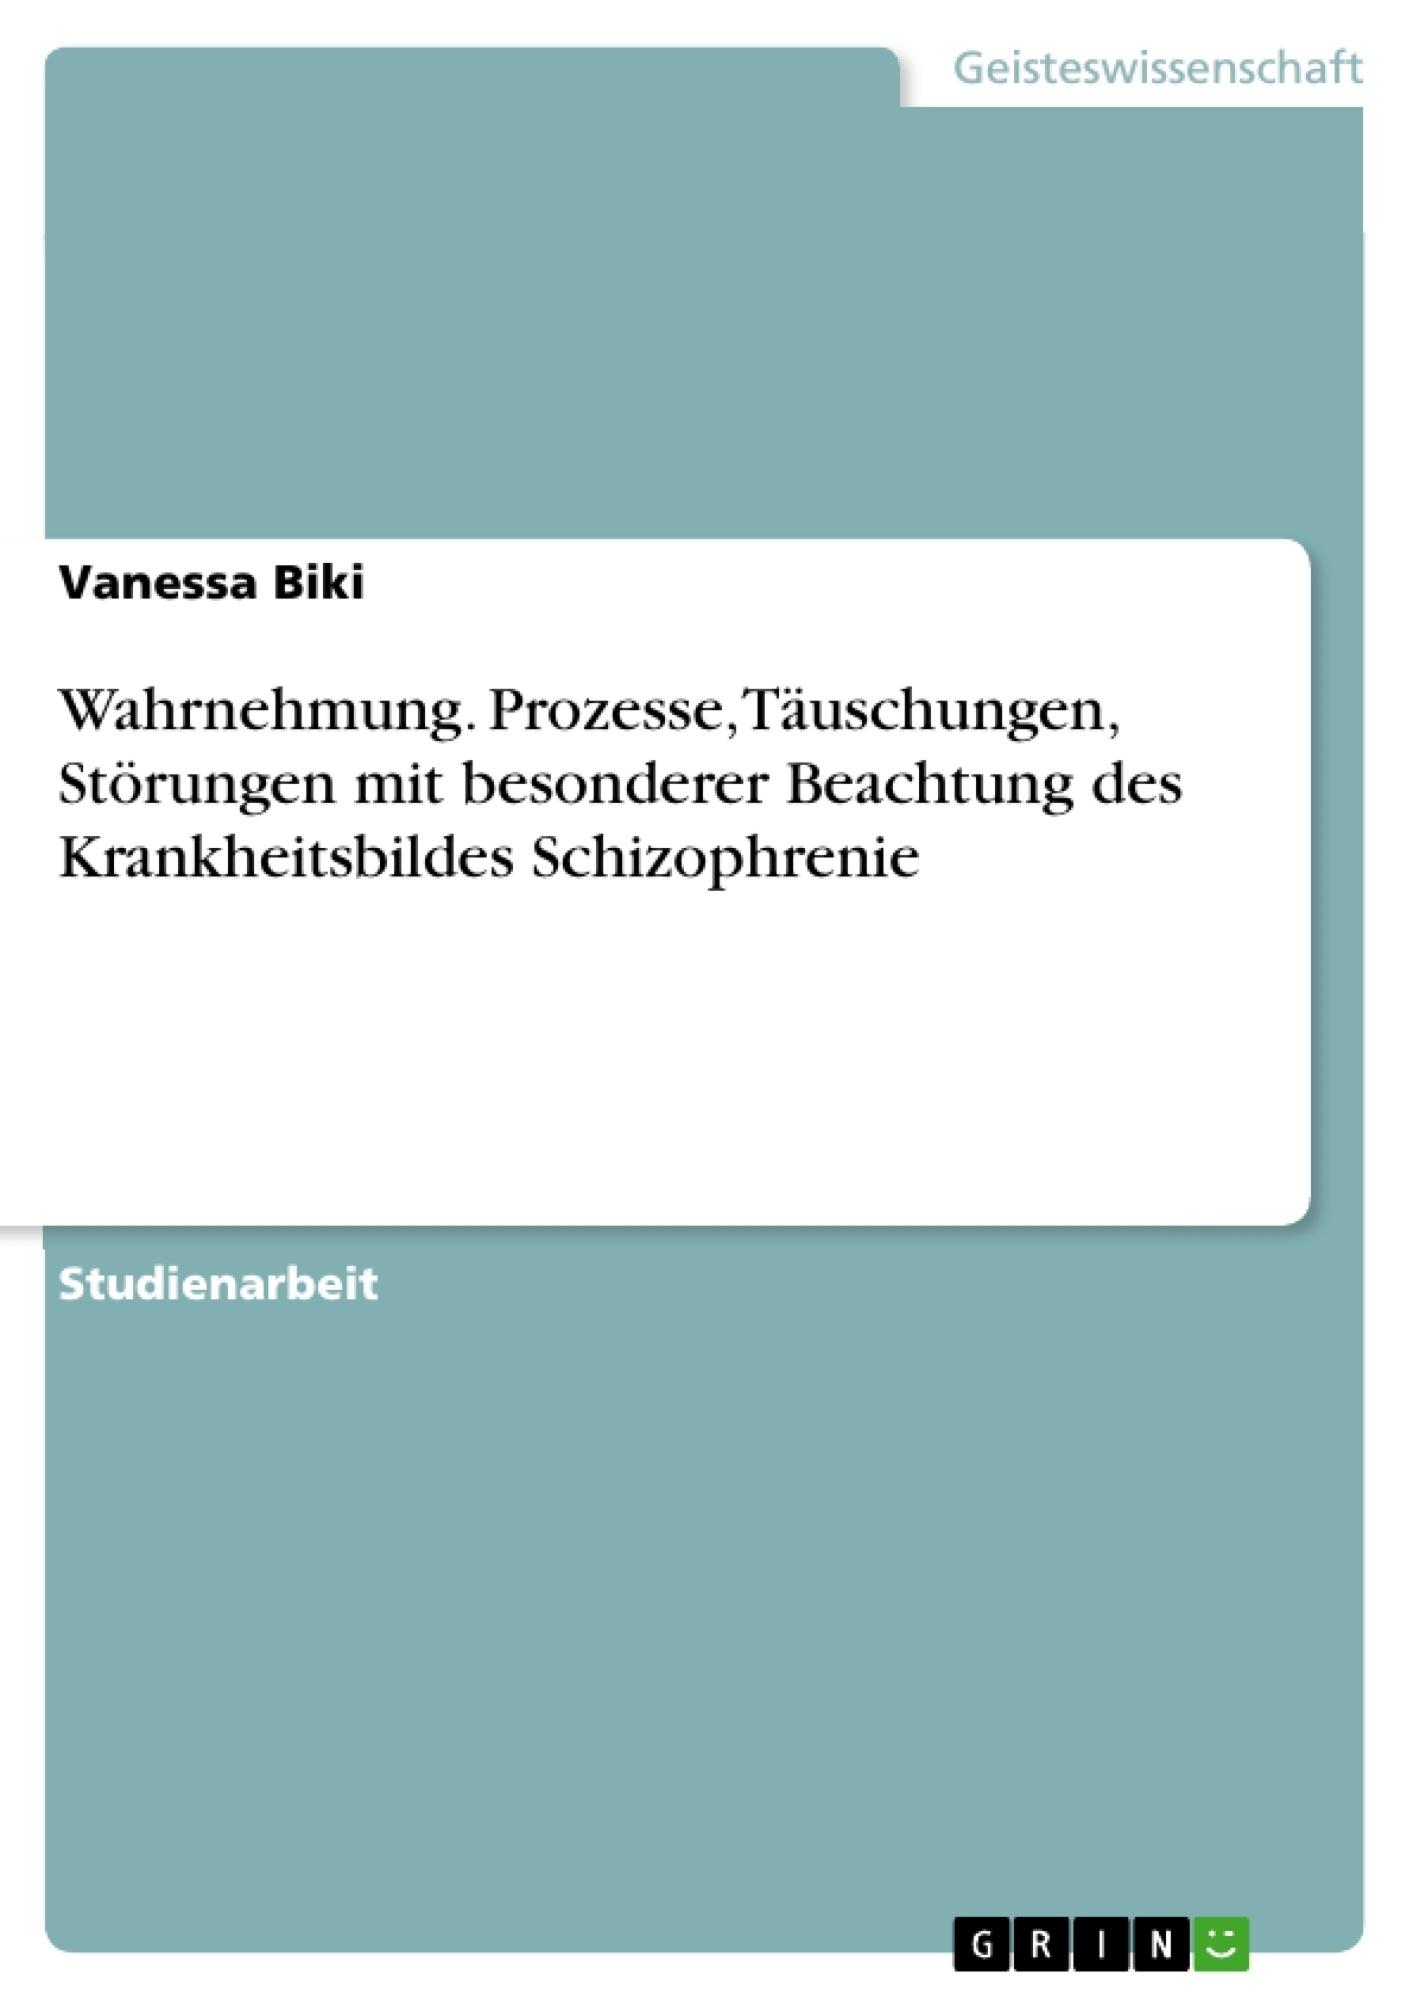 Titel: Wahrnehmung. Prozesse, Täuschungen, Störungen mit besonderer Beachtung des Krankheitsbildes Schizophrenie